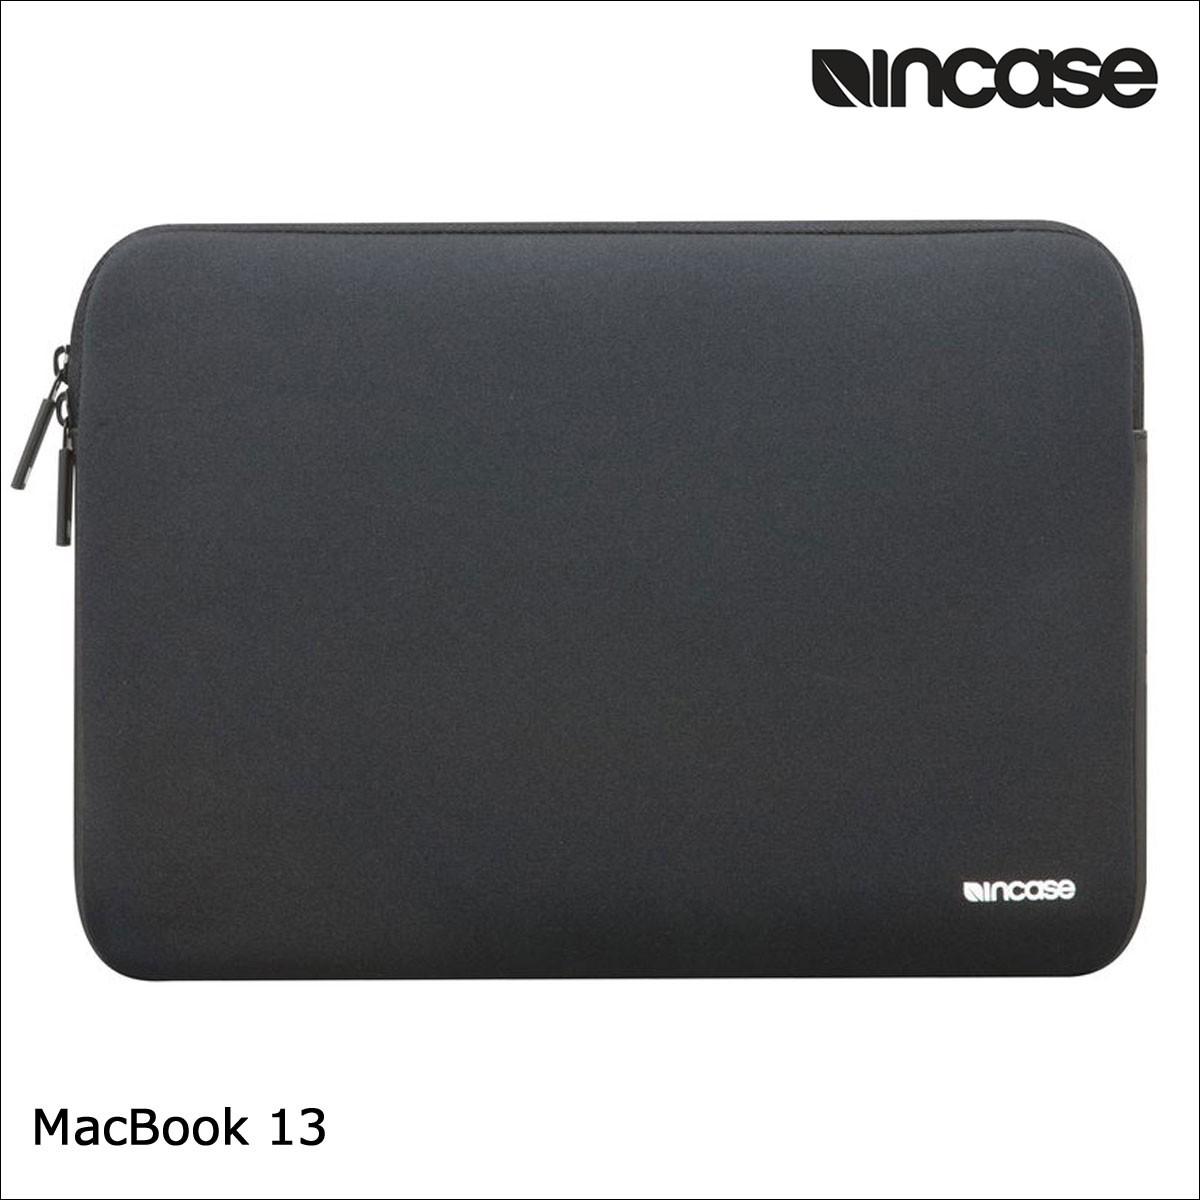 INCASE インケース バッグ パソコンバッグ PCケース 13インチ ARIAPRENE CLASSIC SLEEVE FOR MACBOOK 13 INMB10072 メンズ レディース ブラック [1/17 再入荷]